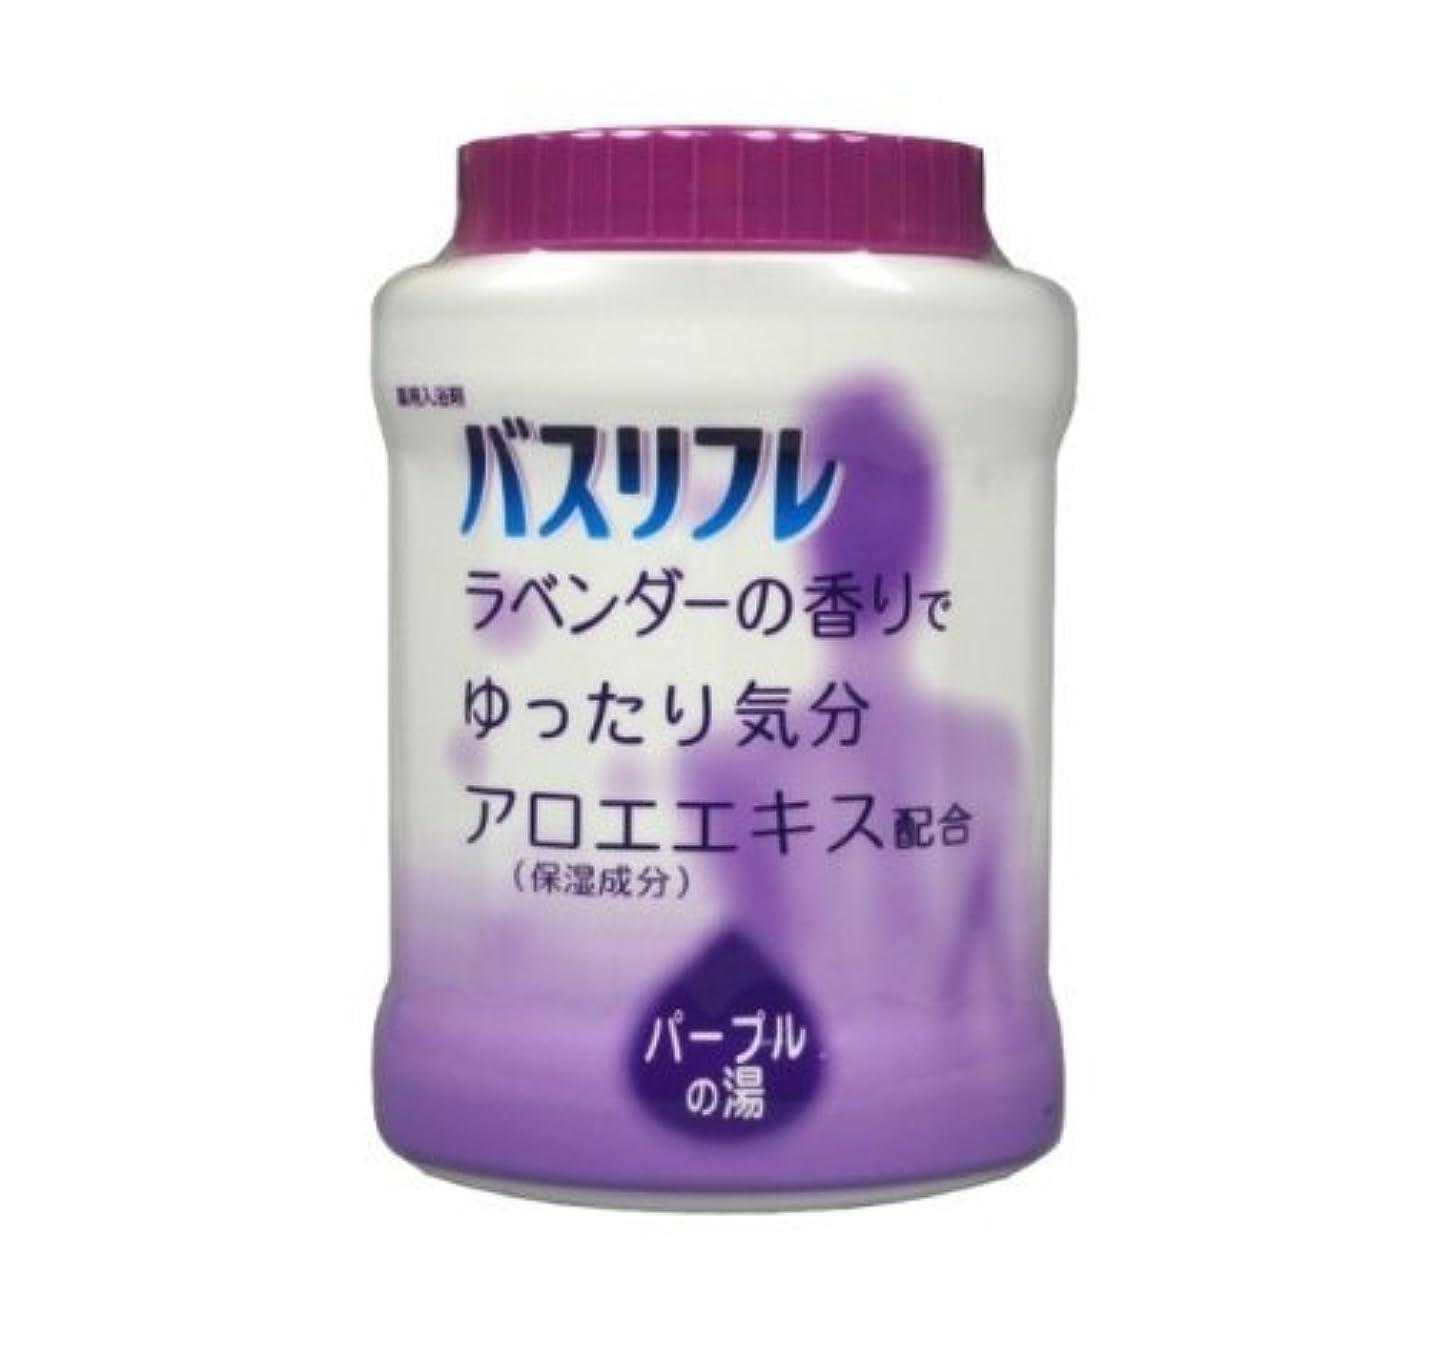 アグネスグレイめる佐賀バスリフレ 薬用入浴剤 ラベンダーの香り 680G Japan